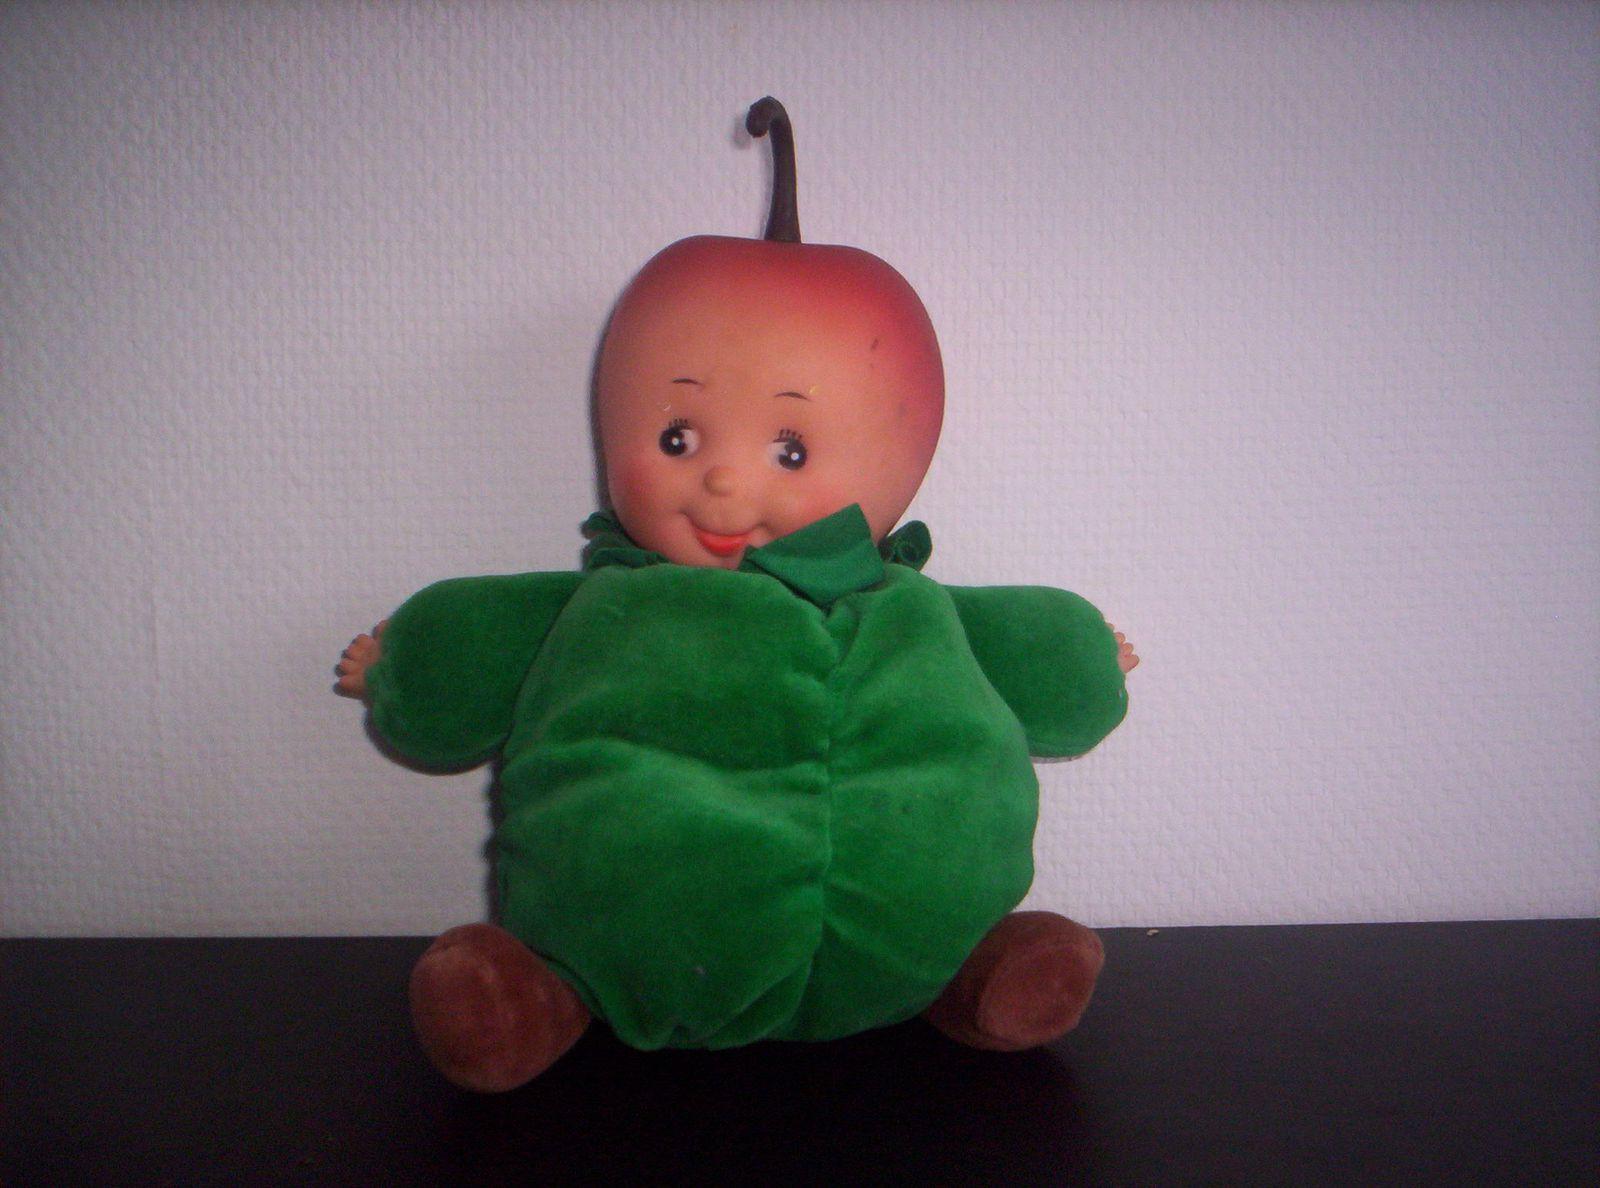 Mi poupée, mi peluche, avec des adorables petites mains molles: voici Pomme verte.